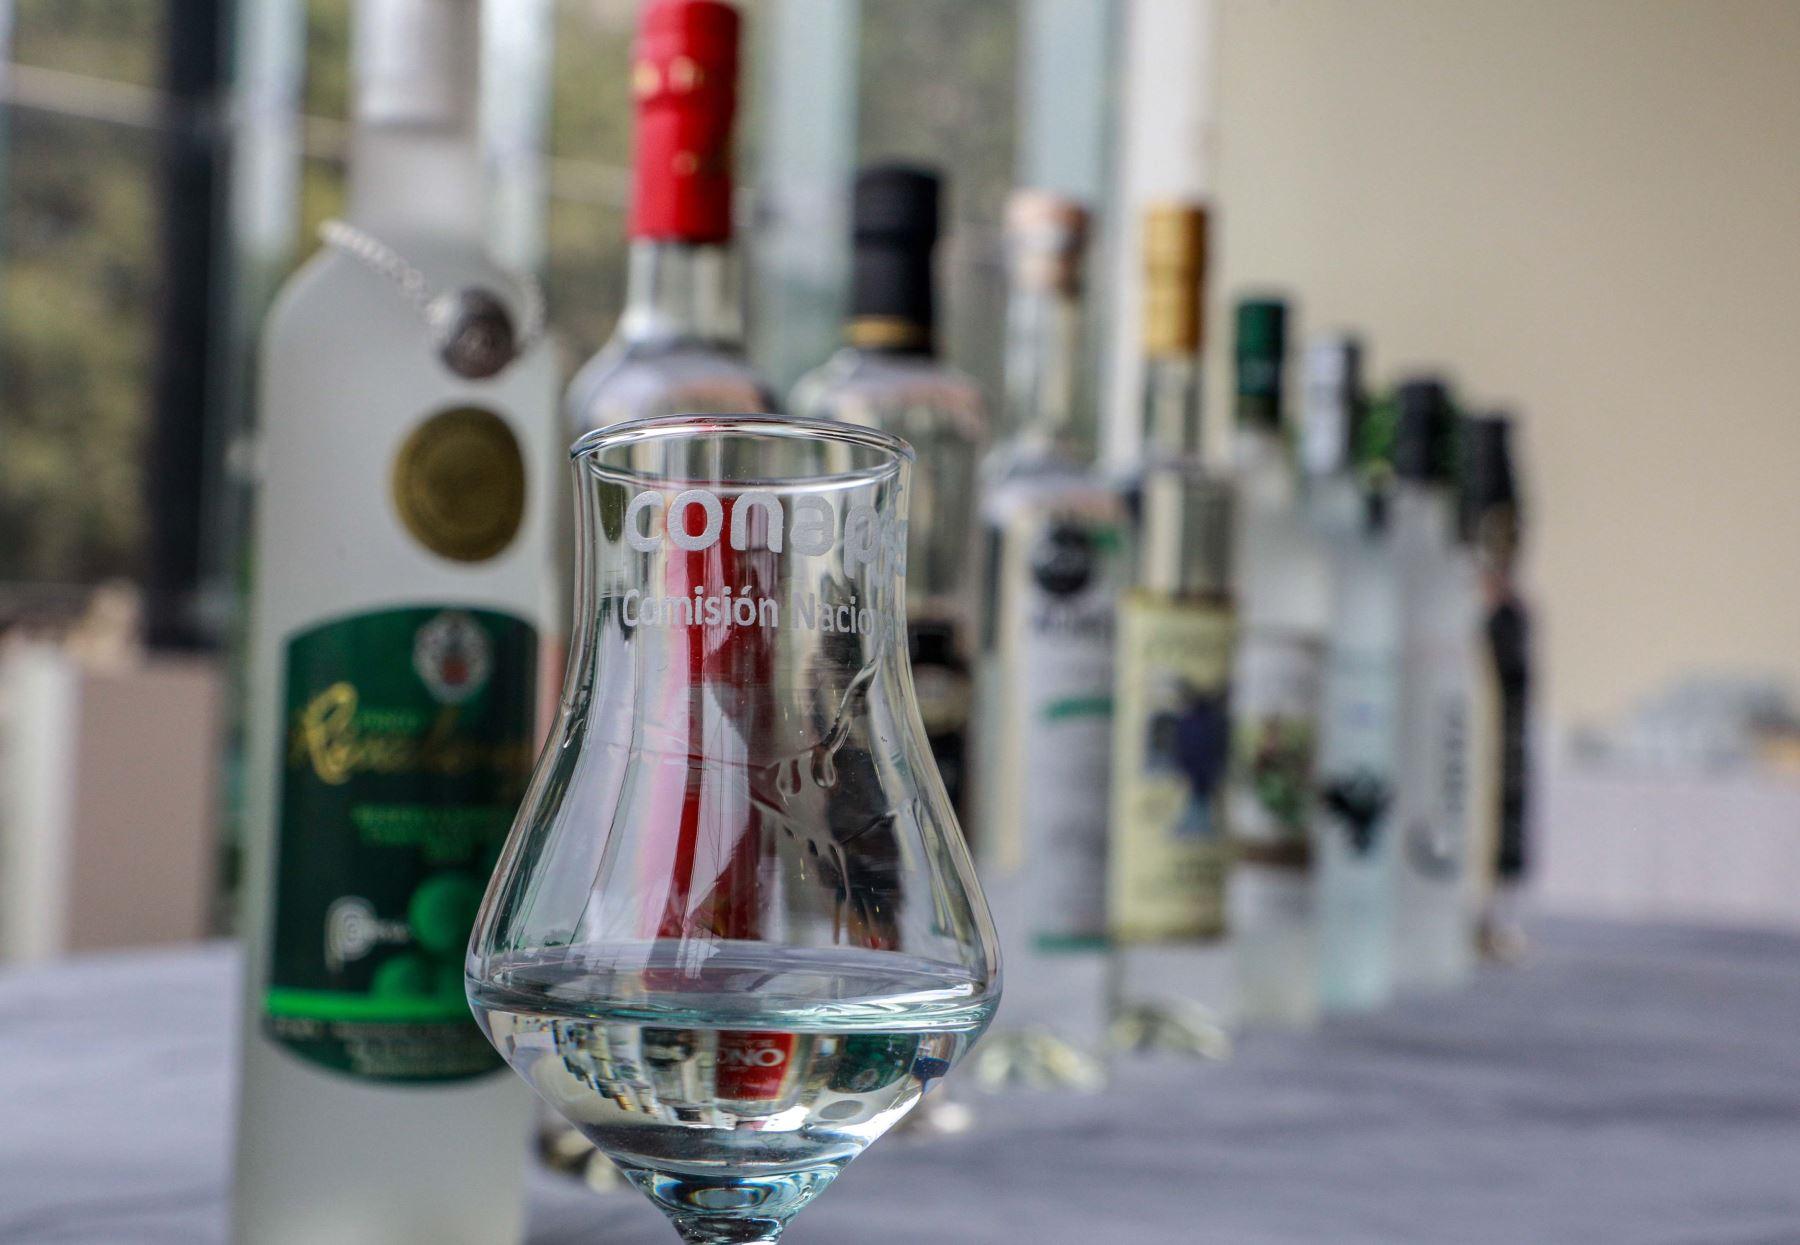 Producción formal de la bebida bandera ascenderá a 7.4 millones de litros este año.